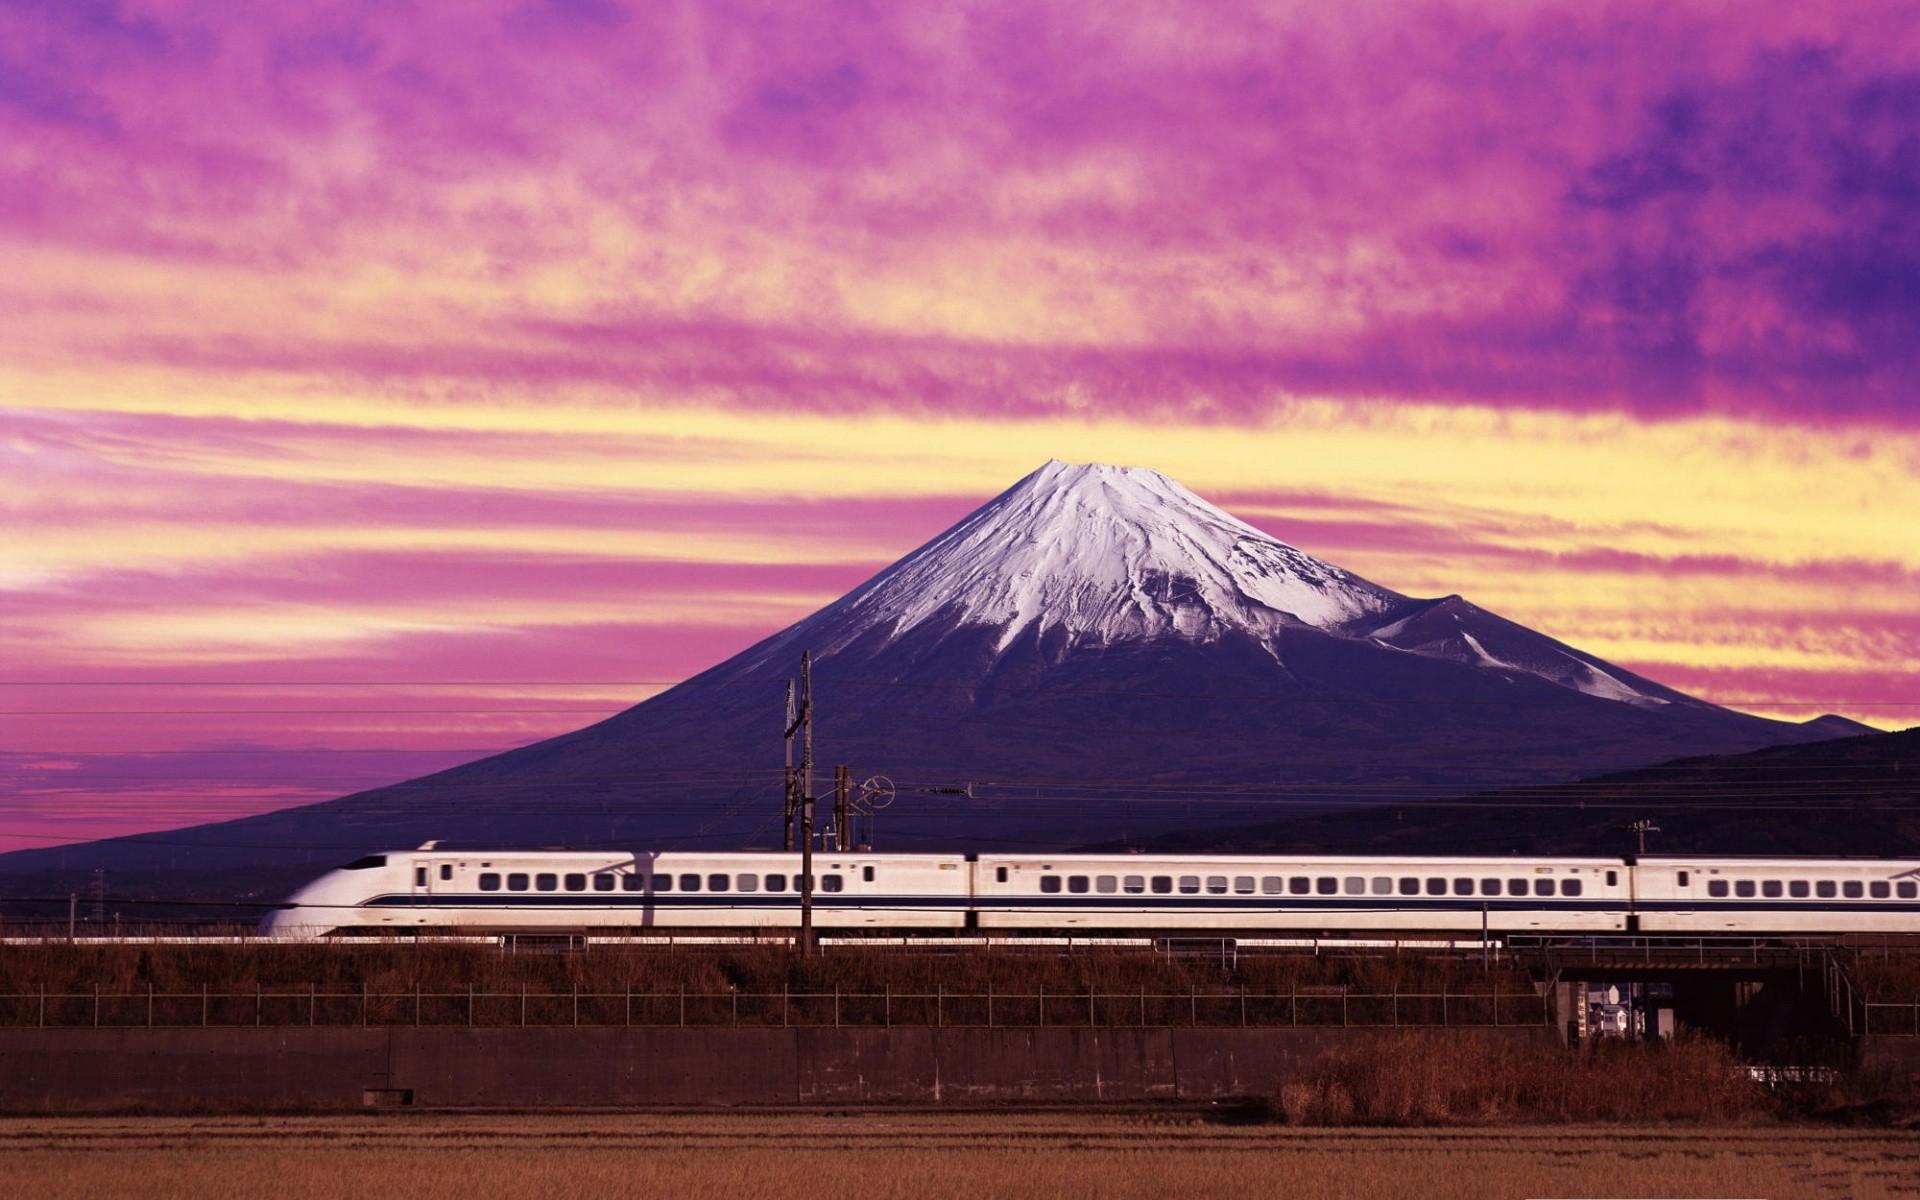 Un tren y una montaña - 1920x1200